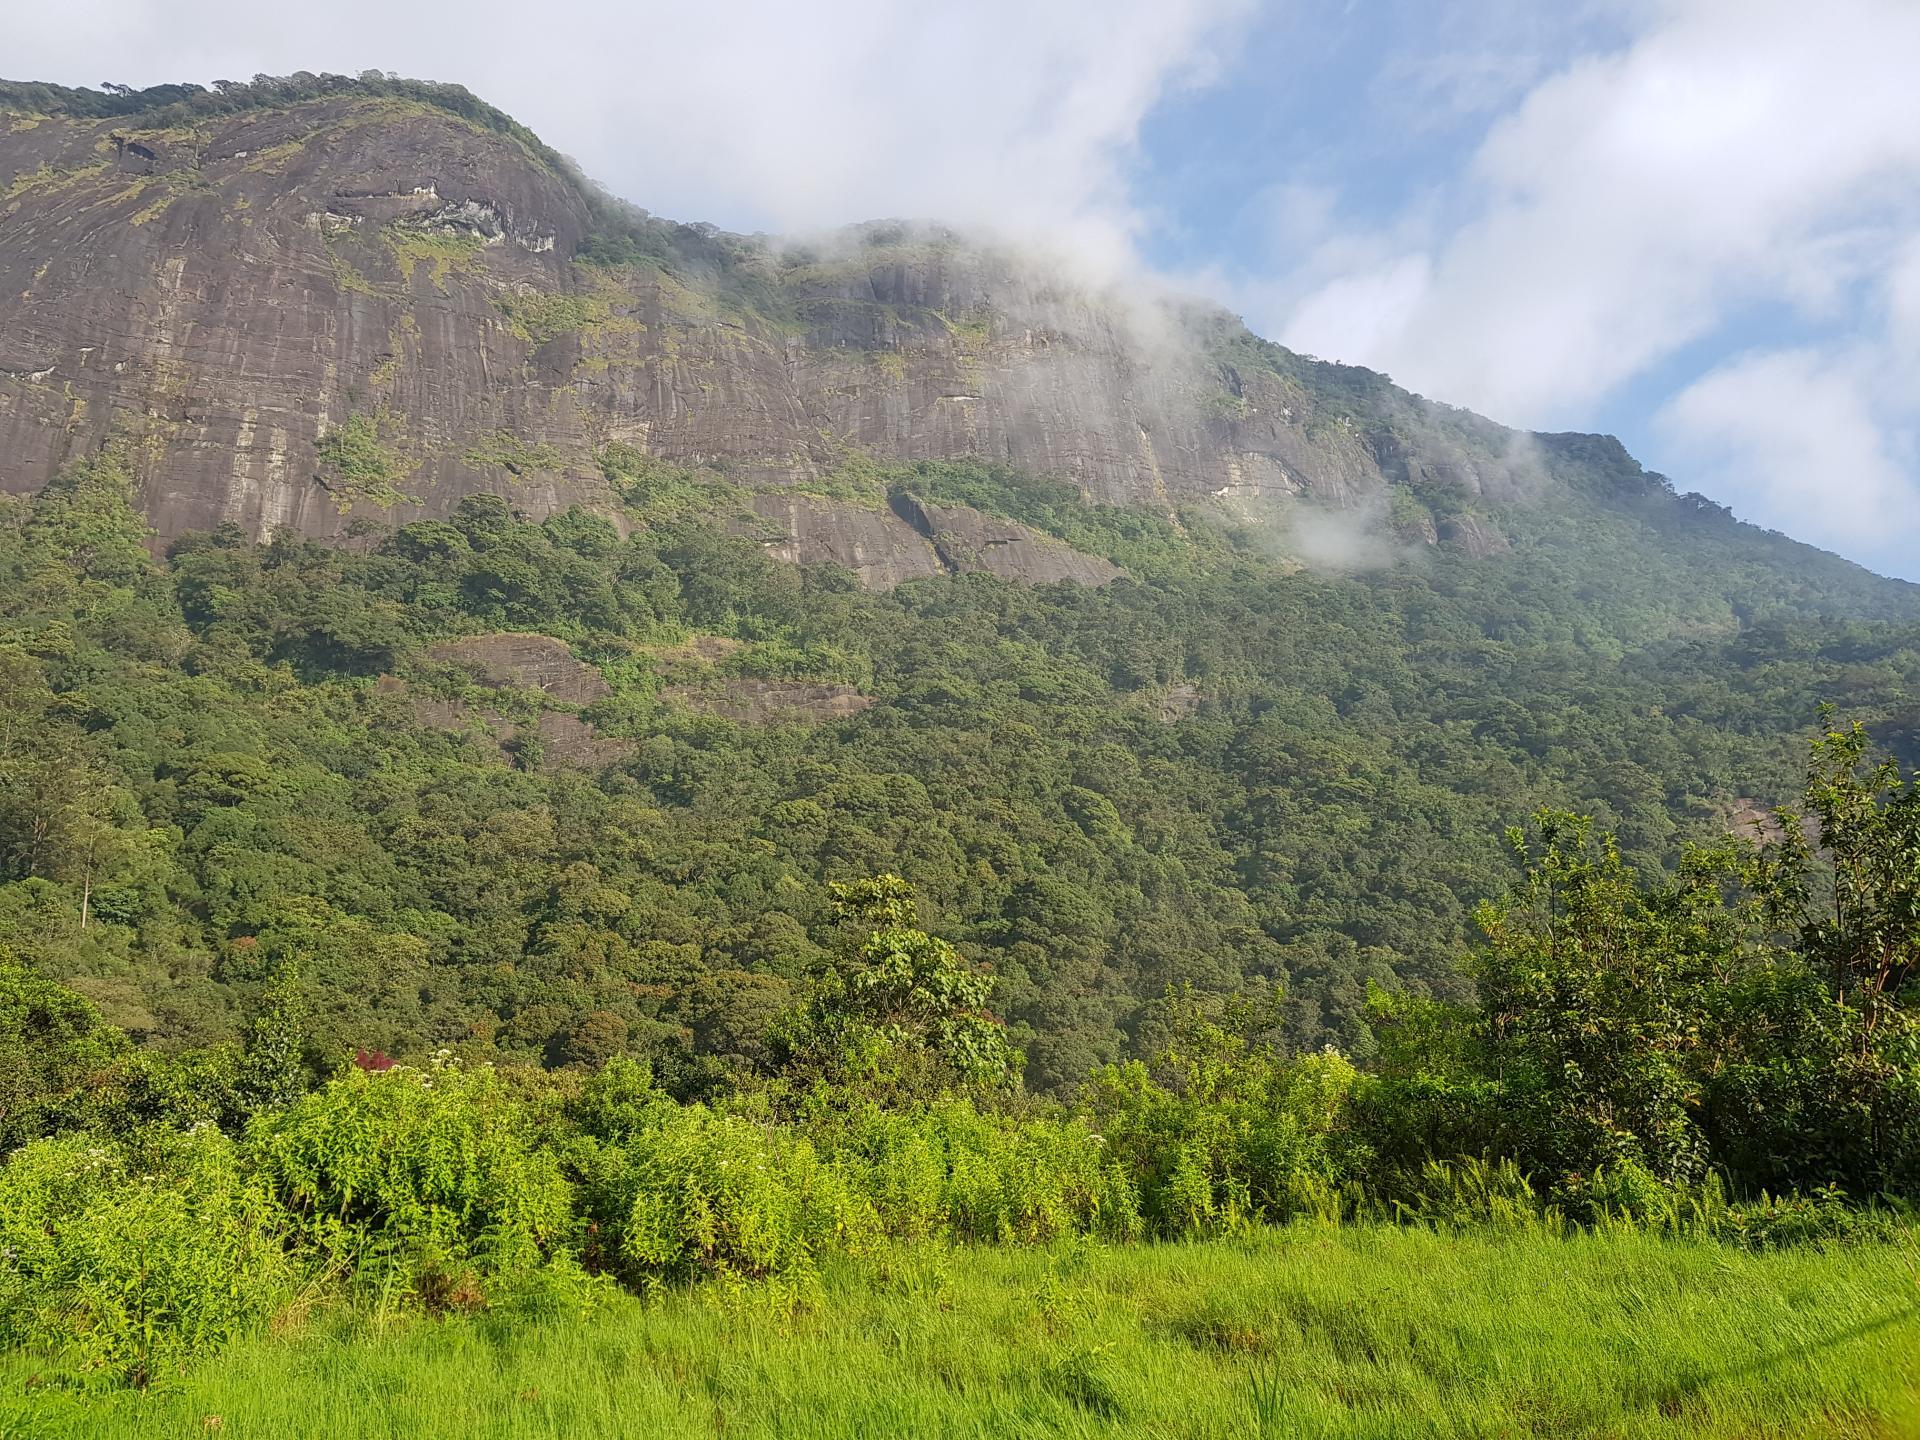 Природа в горах. Далхаузи, Шри-Ланка.